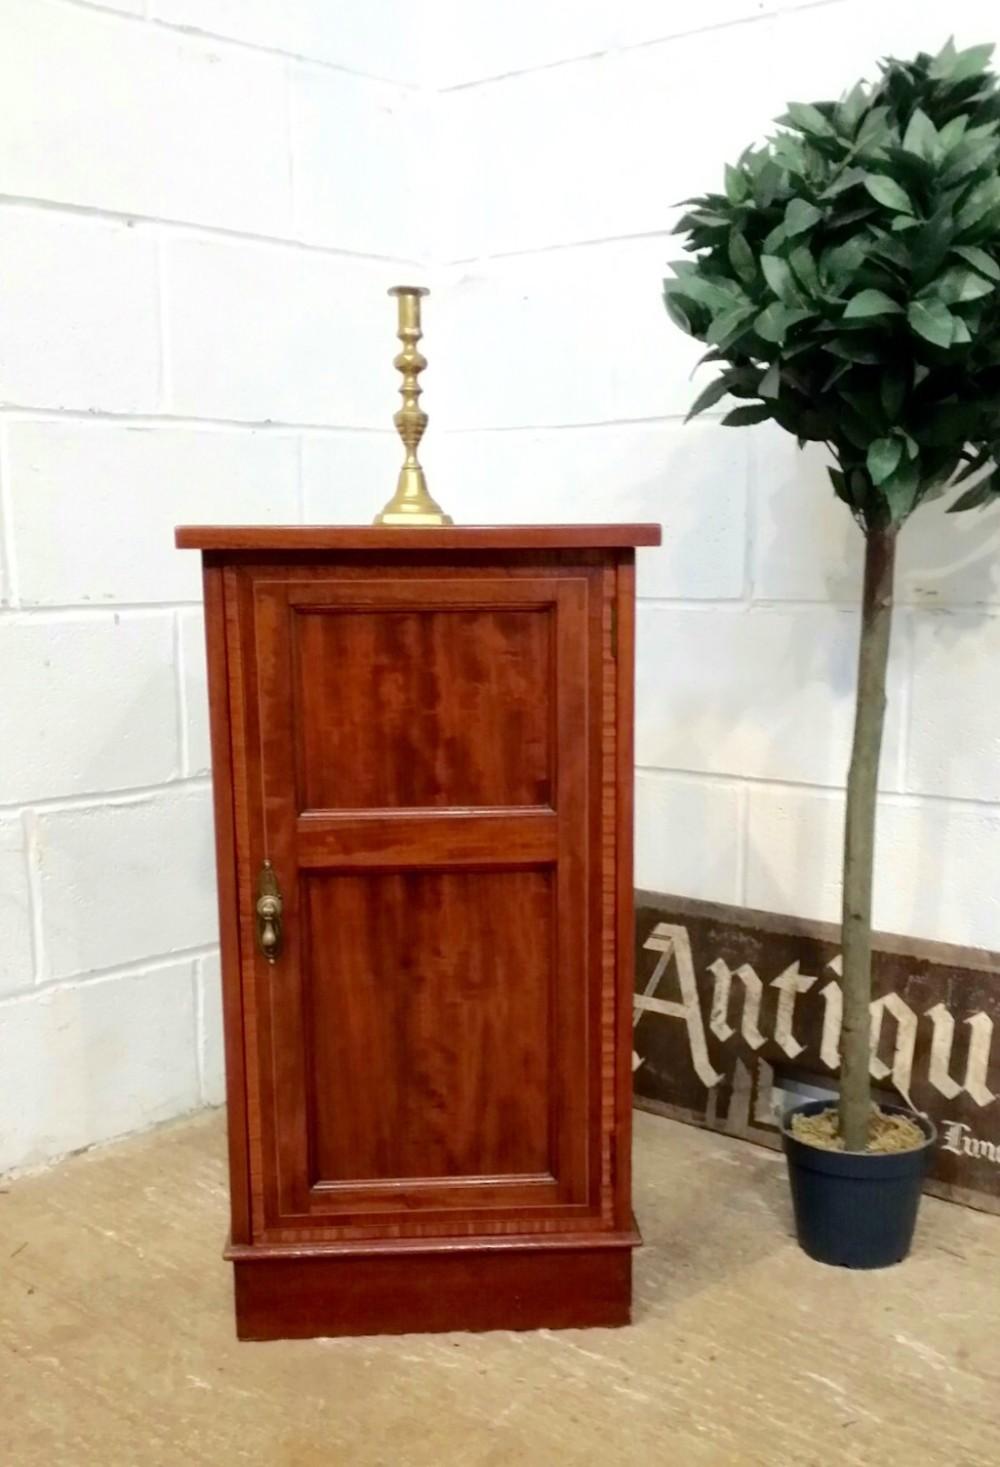 antique edwardian inlaid mahogany bedside cabinet c1900